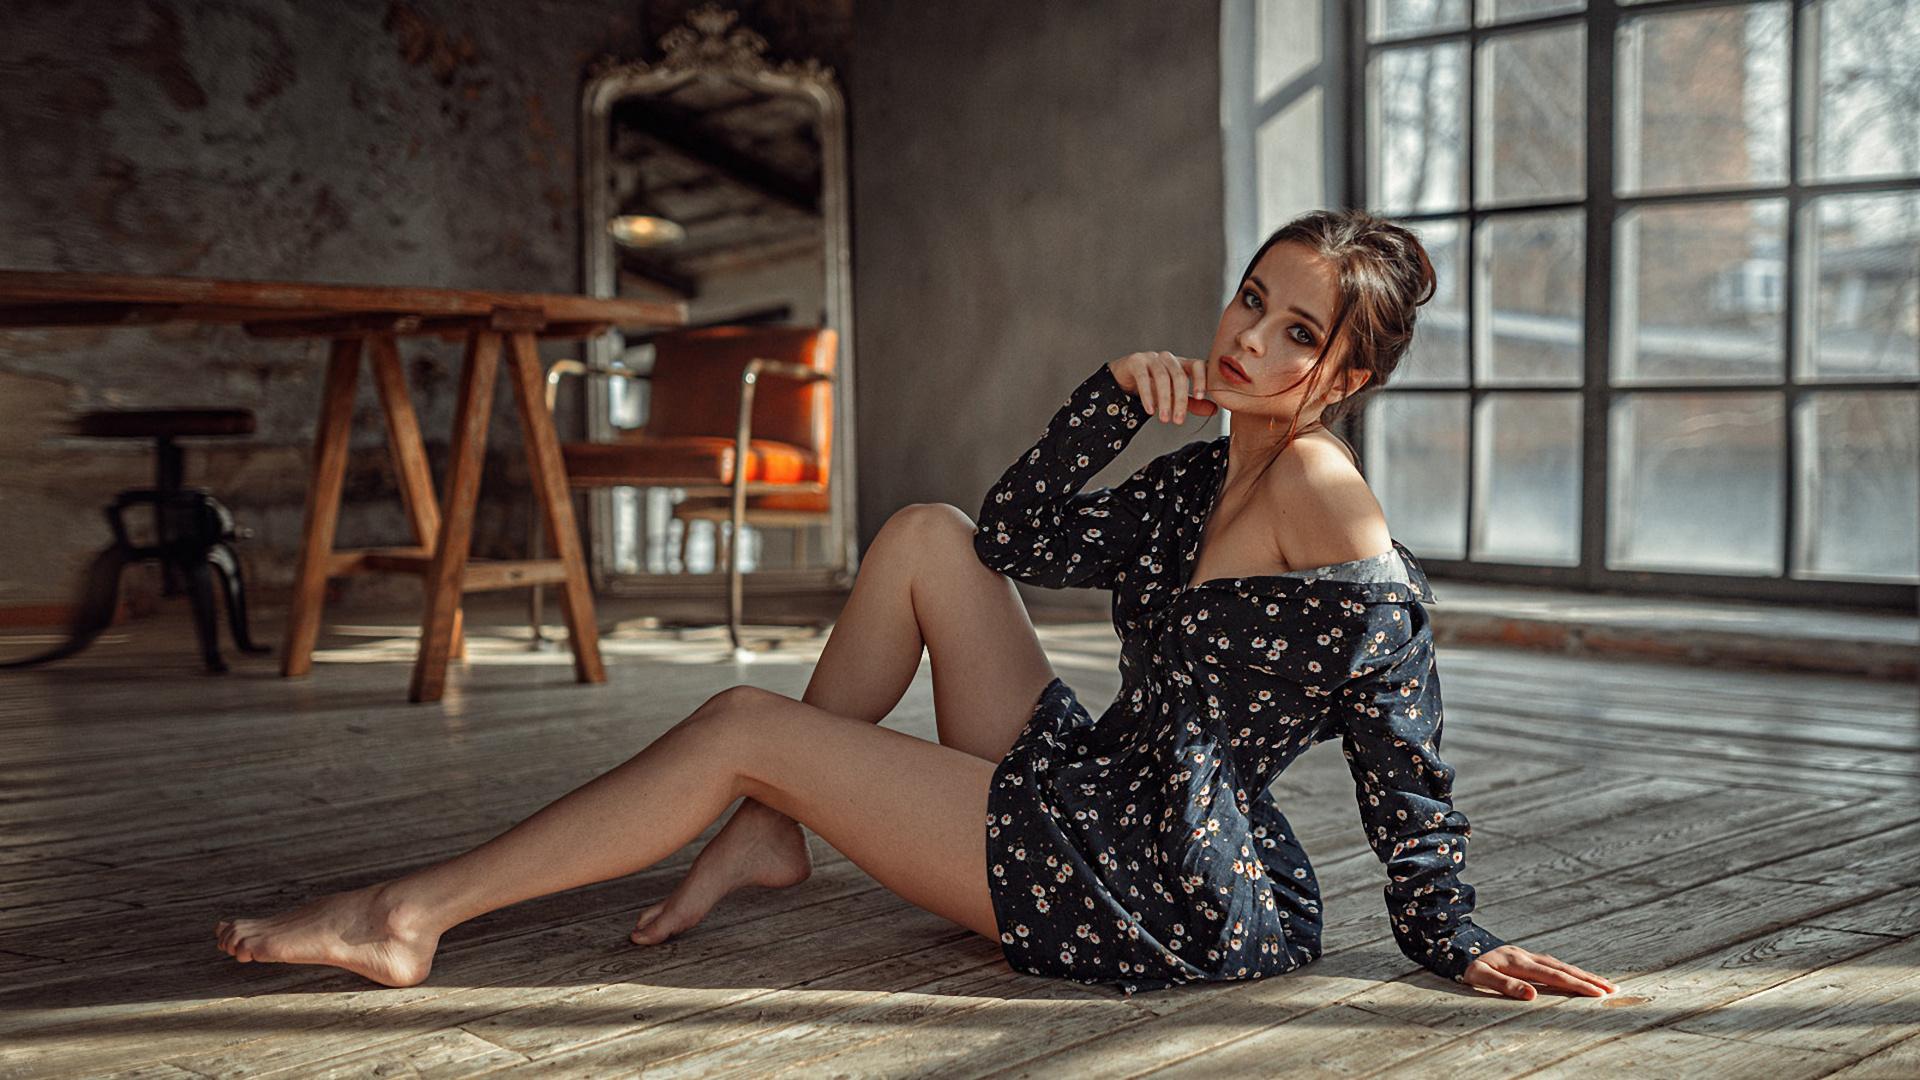 Студия прянишникова актрисы, Студия Прянишникова Порно 28 фотография